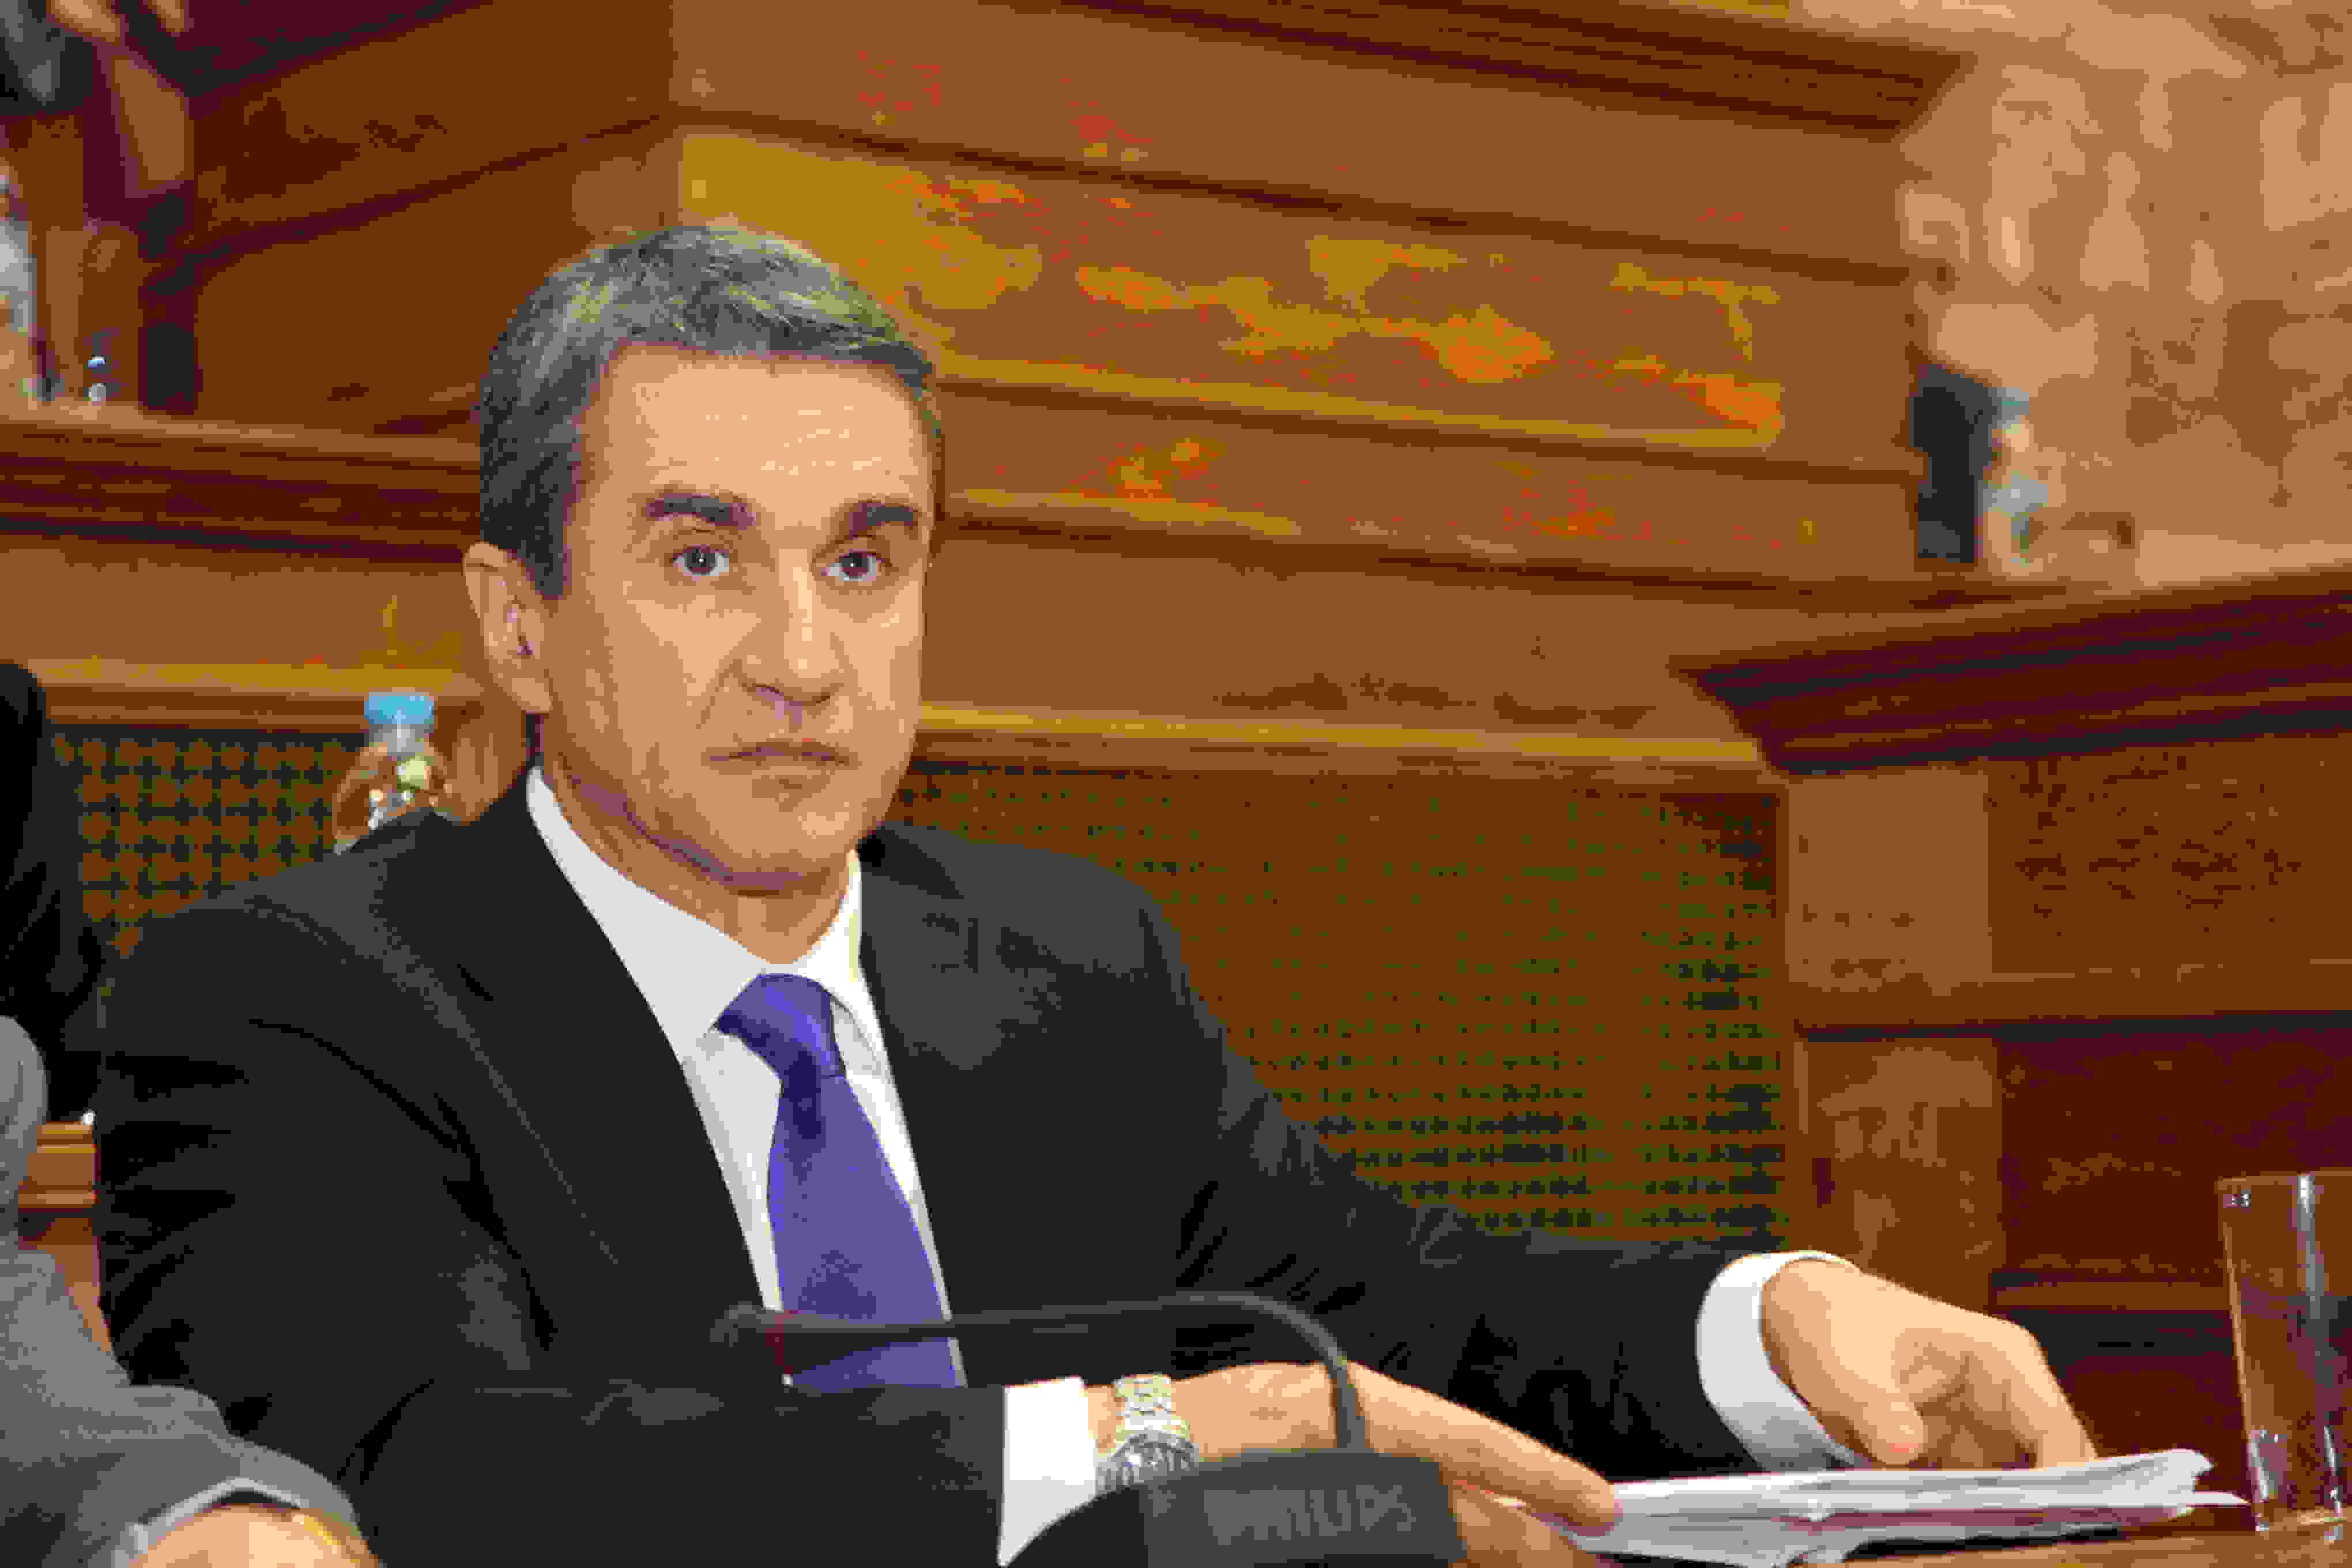 O Λοβέρδος ρωτά τον Υπουργό Υγείας για το Μαντζαβινάτειο